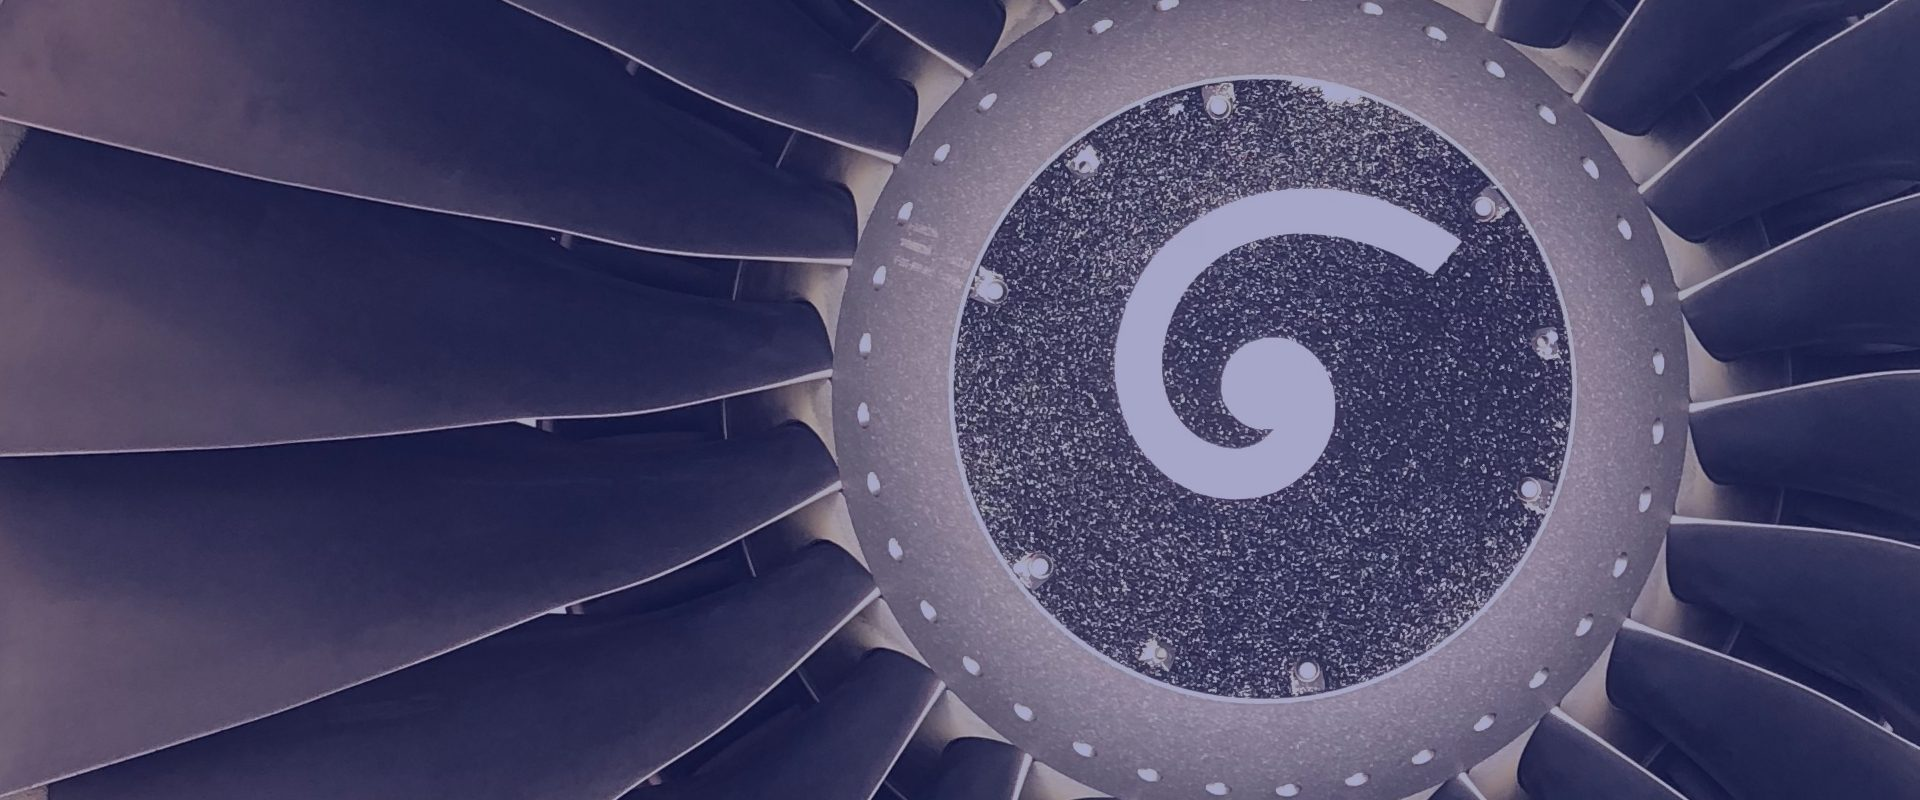 Norwegian Pilot Union